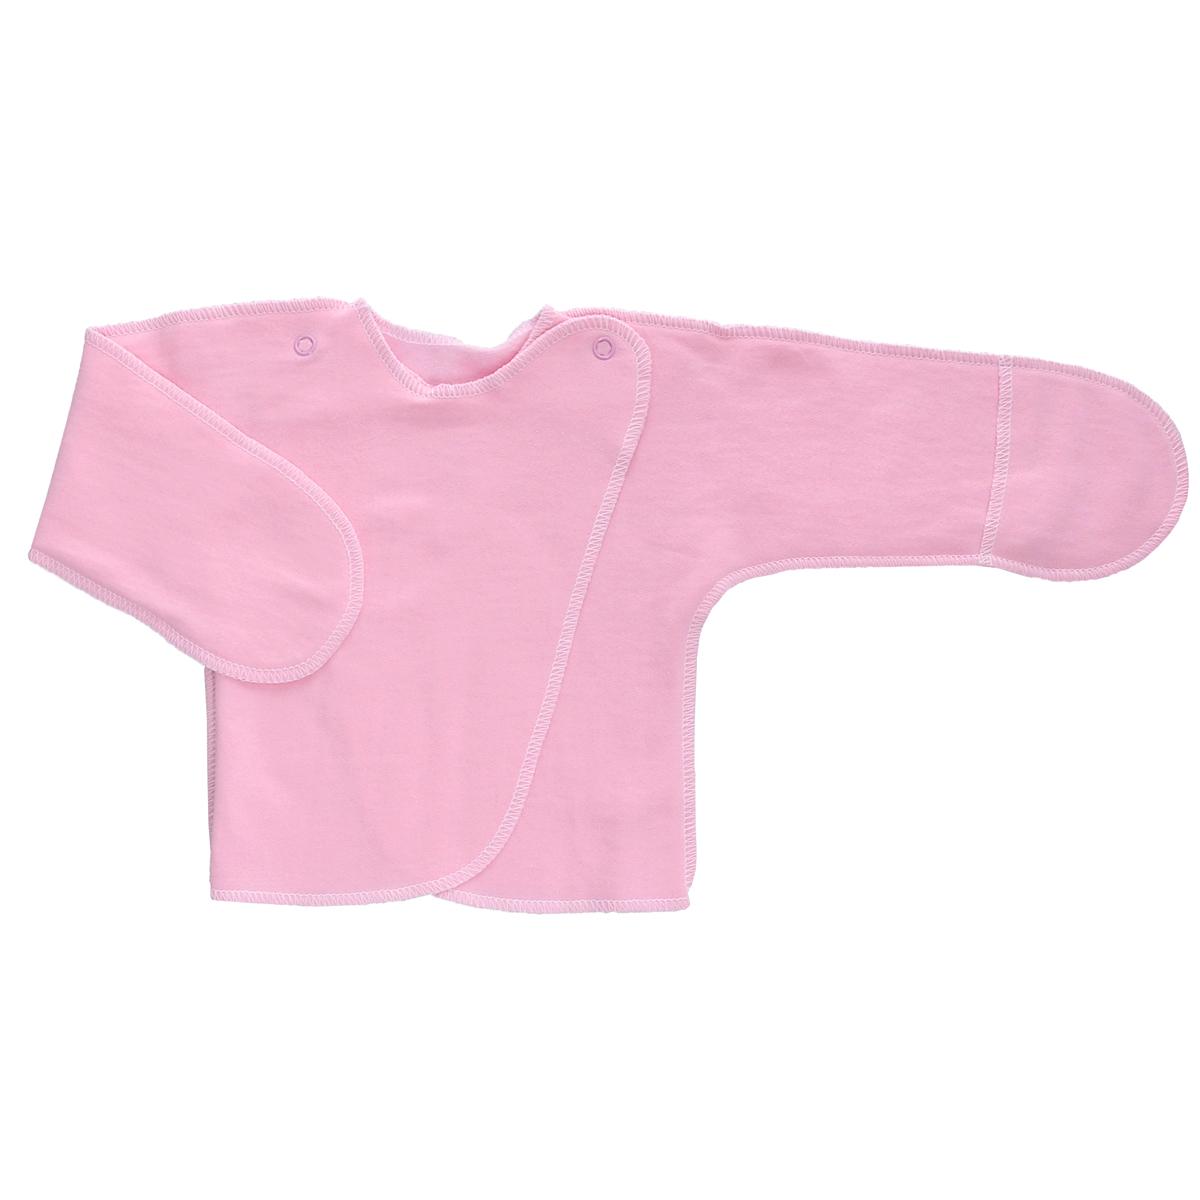 Распашонка Трон-Плюс, цвет: розовый. 5023. Размер 68, 6 месяцев5023Распашонка с закрытыми ручками Трон-плюс послужит идеальным дополнением к гардеробу младенца. Распашонка, выполненная швами наружу, изготовлена из футера - натурального плотного хлопка, благодаря чему она необычайно мягкая, легкая и теплая, не раздражает нежную кожу ребенка и хорошо вентилируется, а эластичные швы приятны телу младенца и не препятствуют его движениям. Распашонка с запахом, застегивается при помощи двух кнопок на плечах, которые позволяют без труда переодеть ребенка. Благодаря рукавичкам ребенок не поцарапает себя.